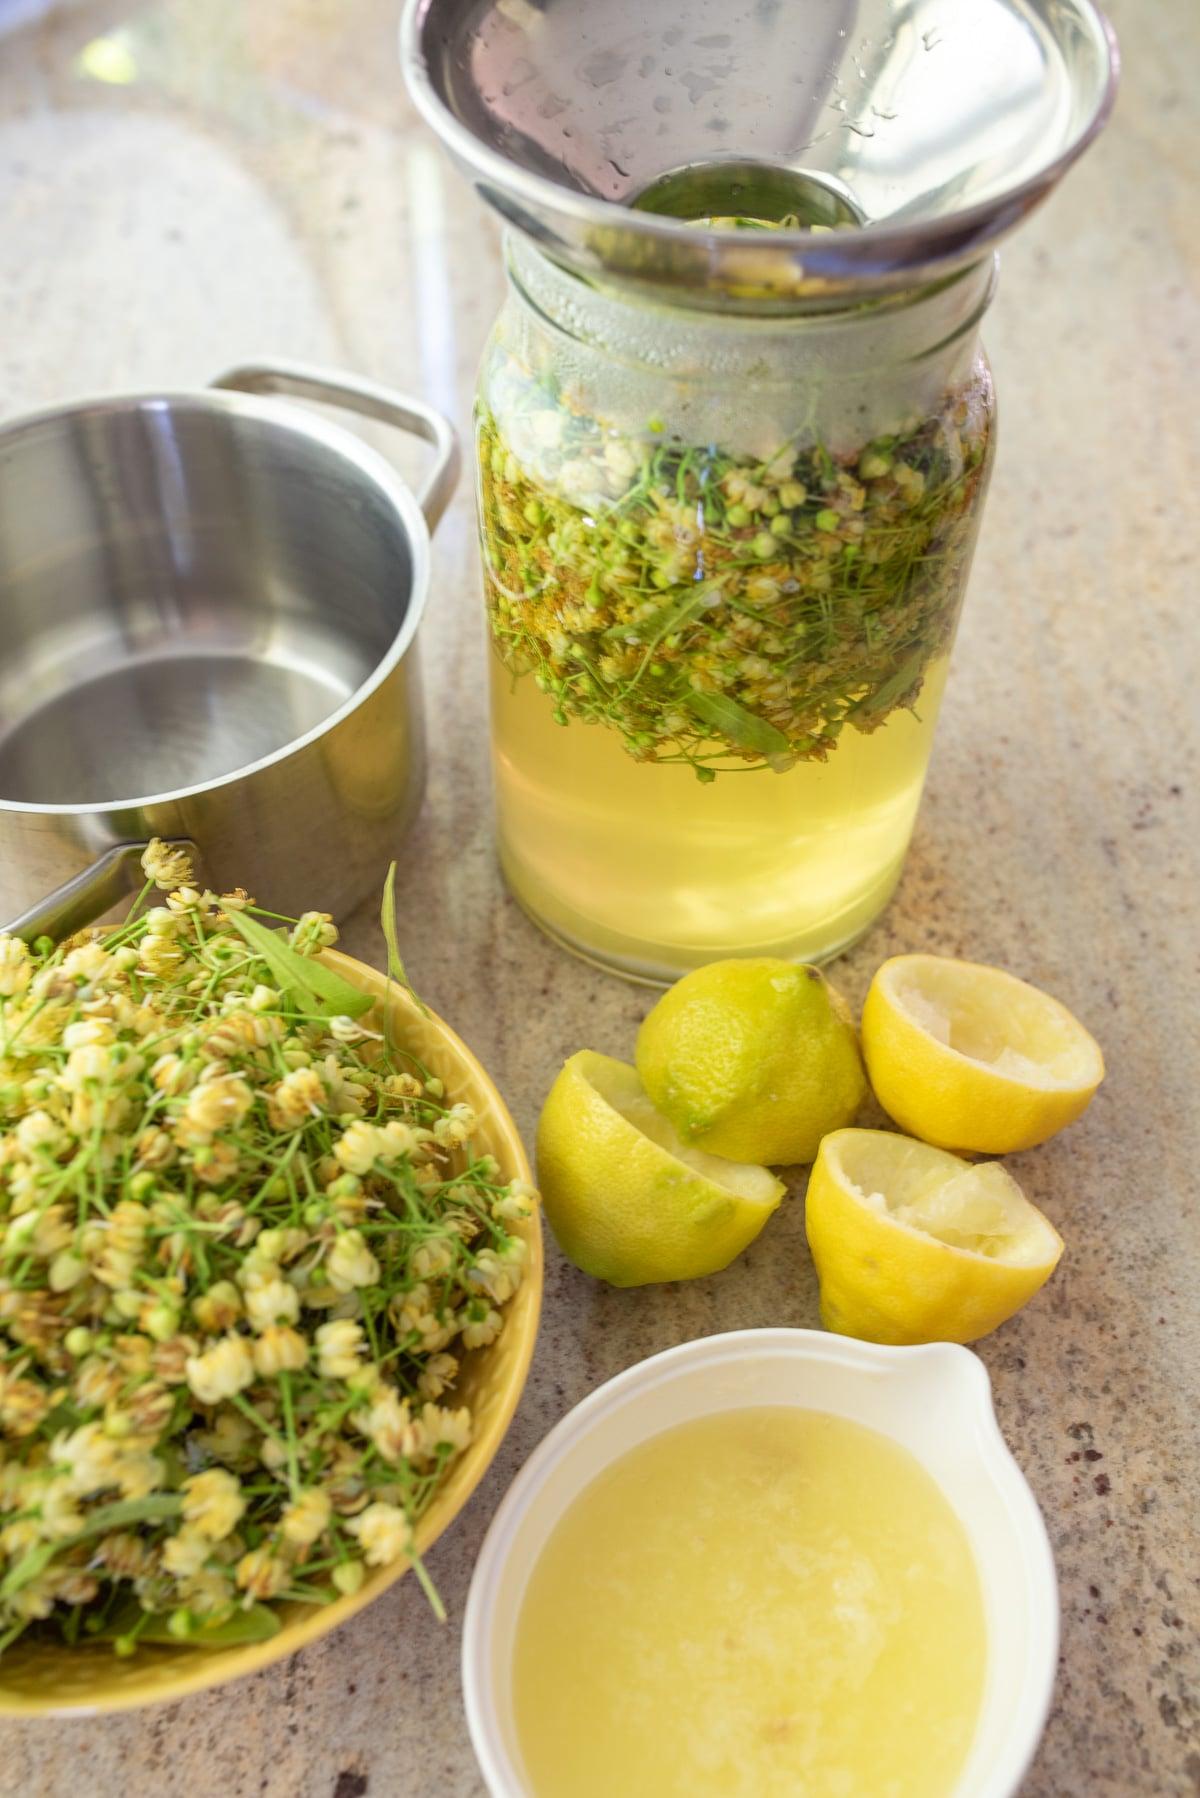 składniki na syrop z lipy na blacie kuchennym